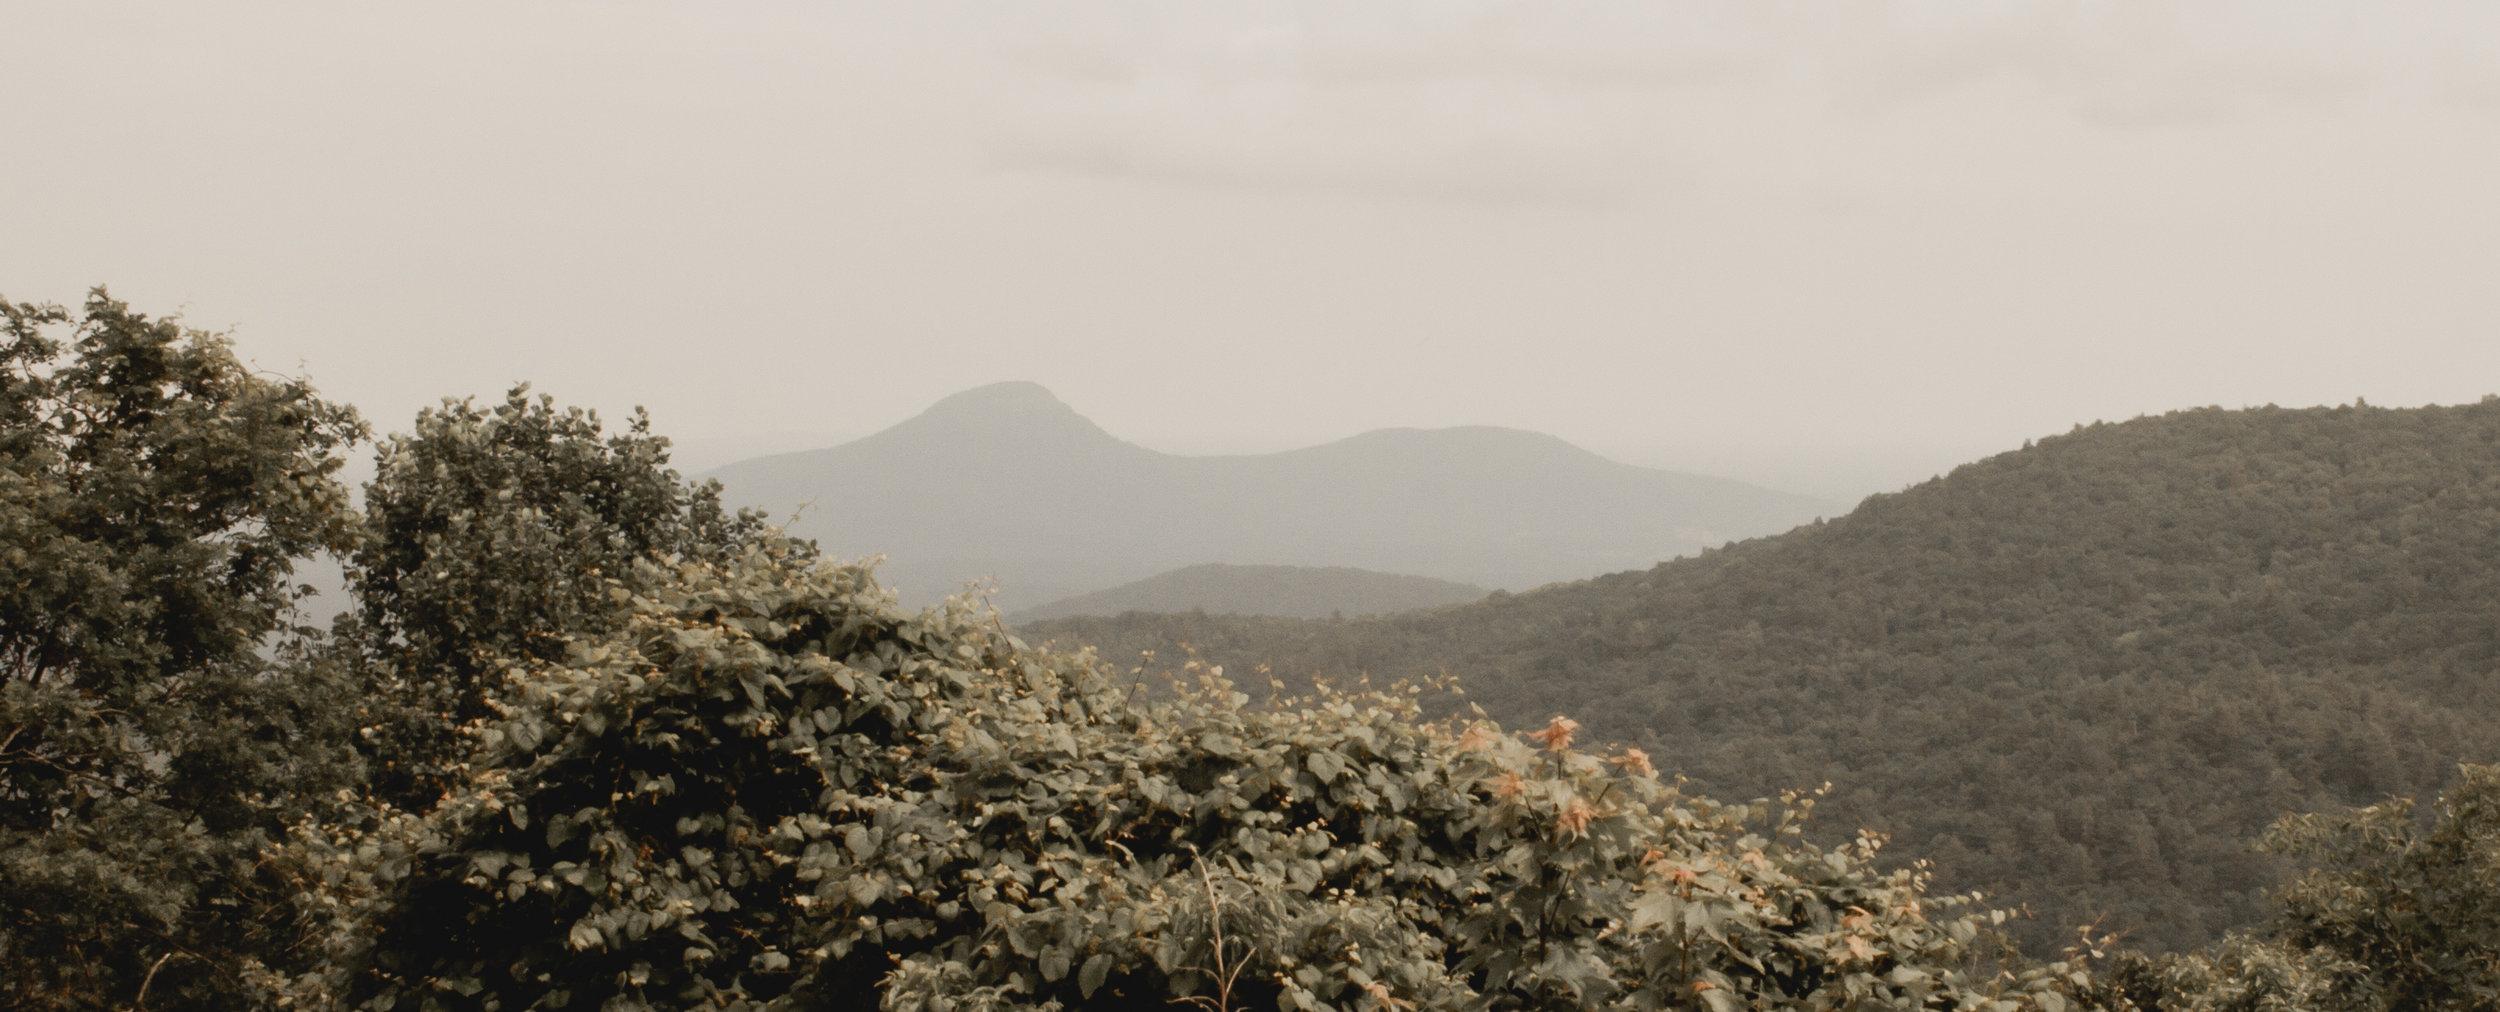 Blood Mountain Georgia